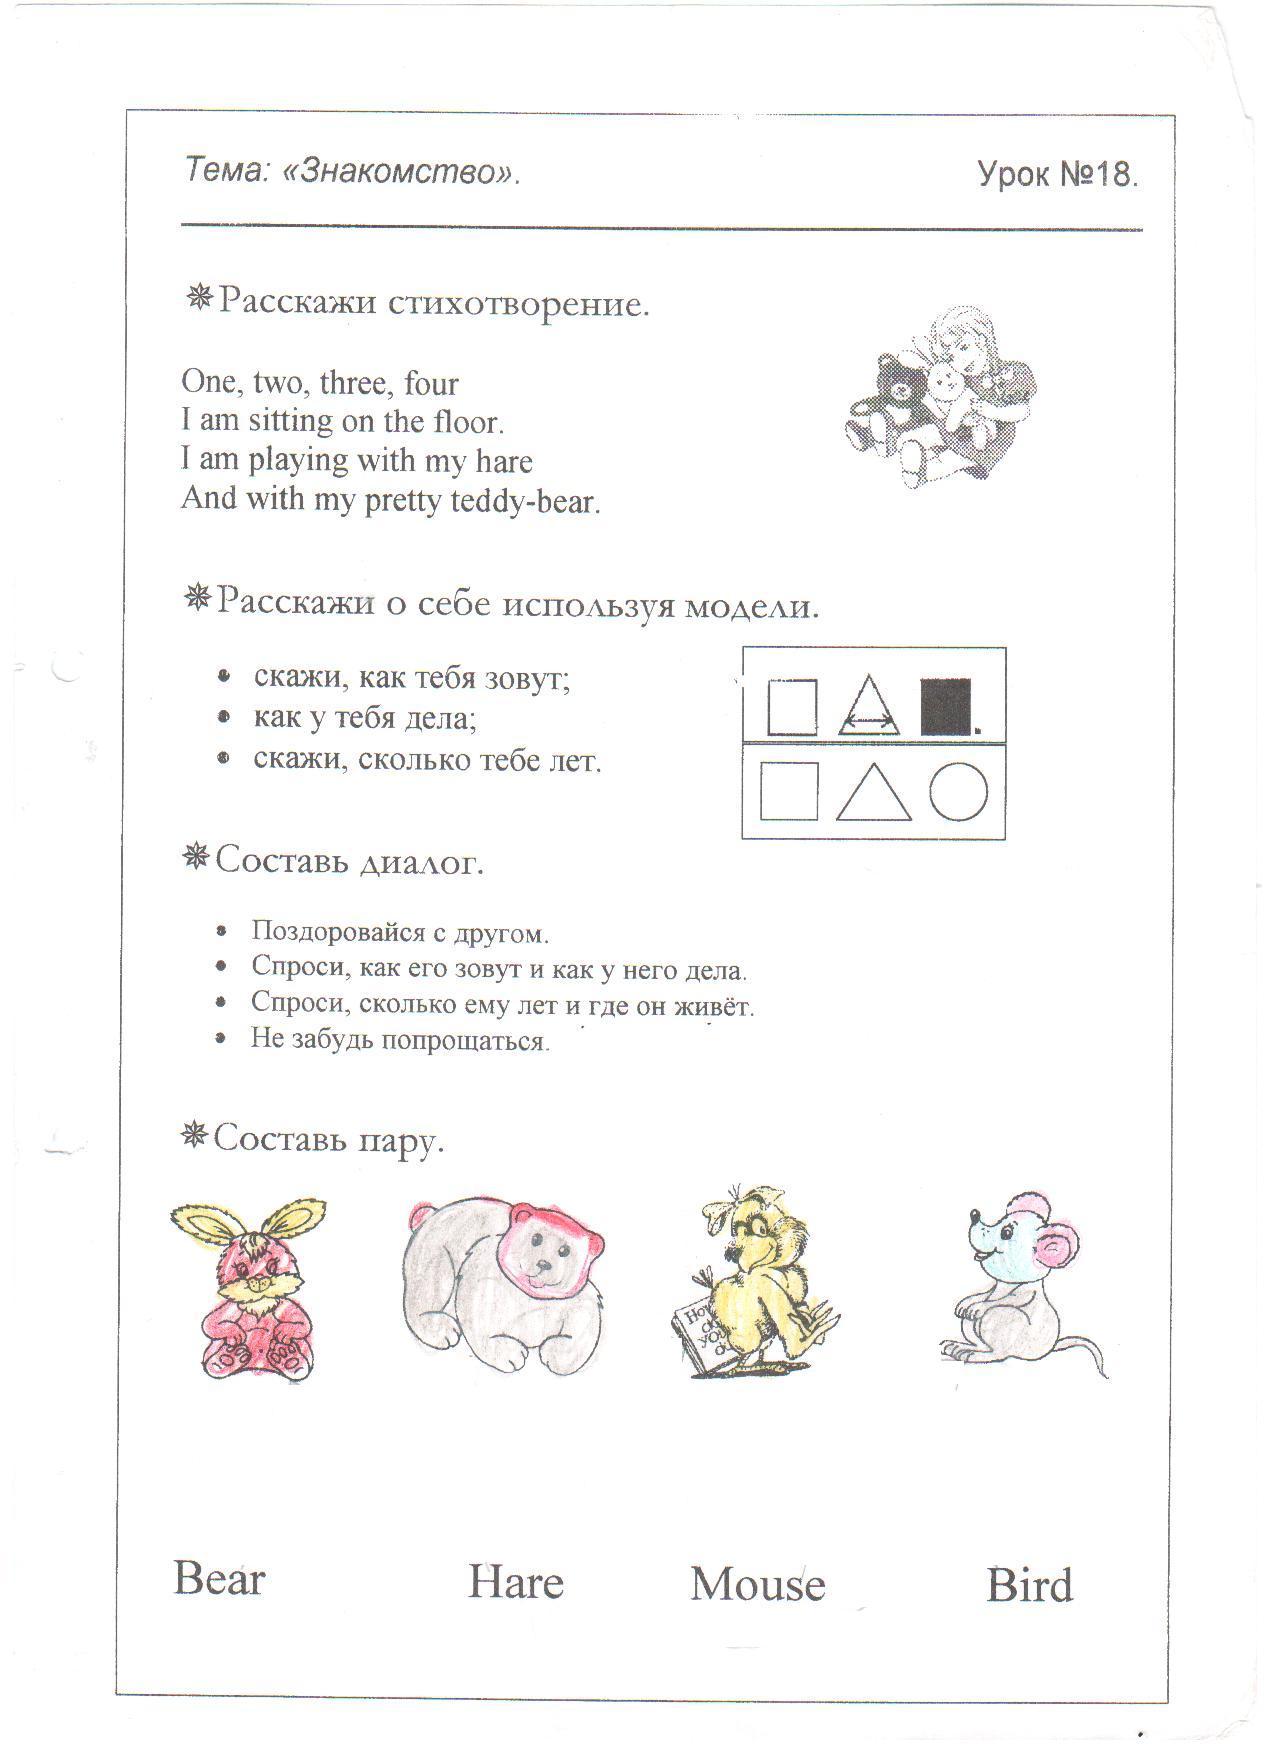 C:\Documents and Settings\Admin\Мои документы\Мои рисунки\Изображение\Изображение 088.jpg